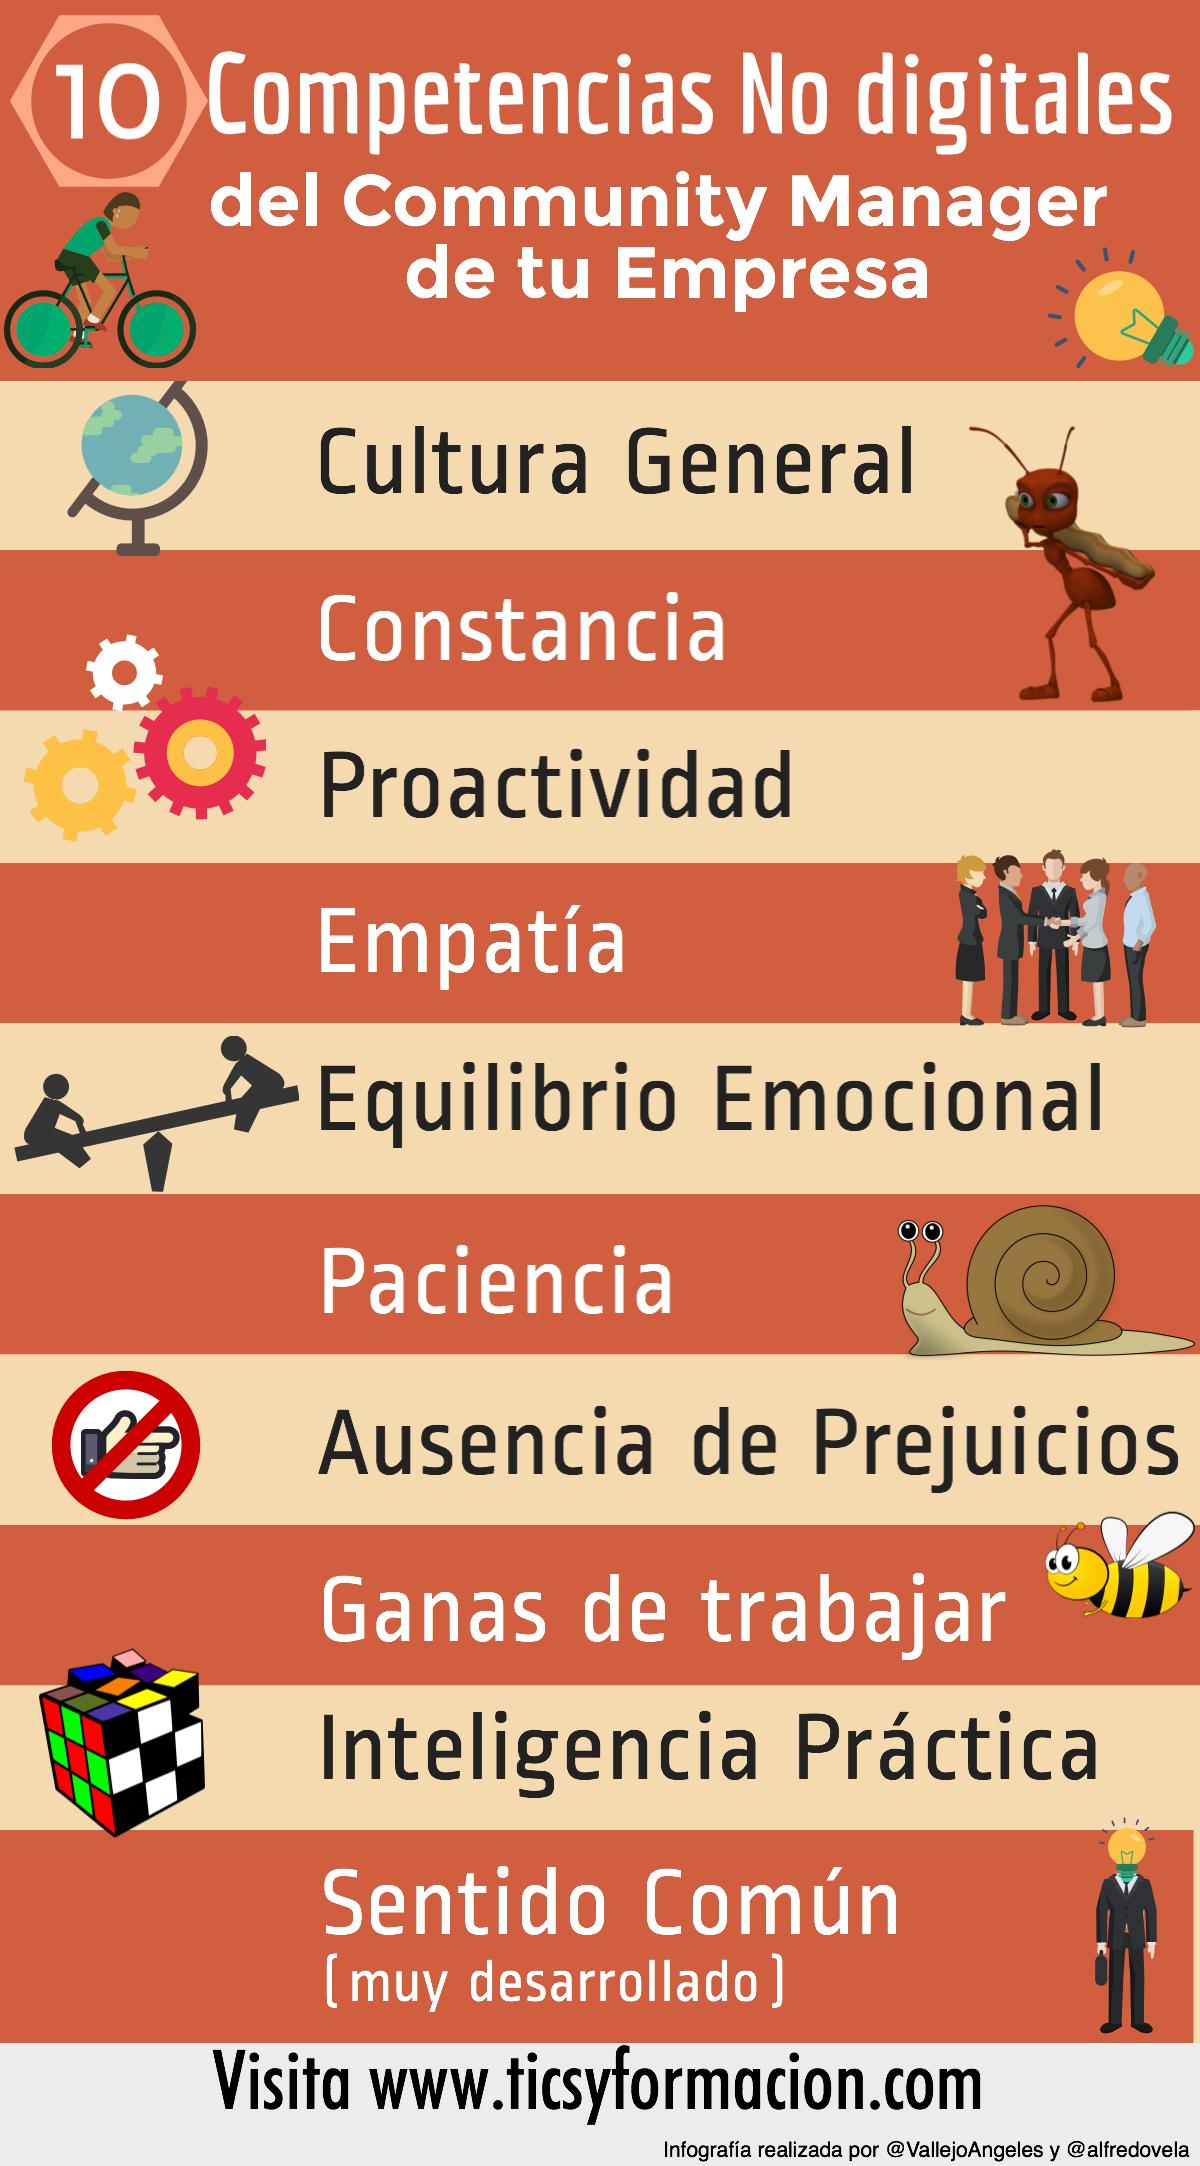 10 competencias NO digitales que debiera tener el Community Manager de tu Empresa #infografia #socialmedia